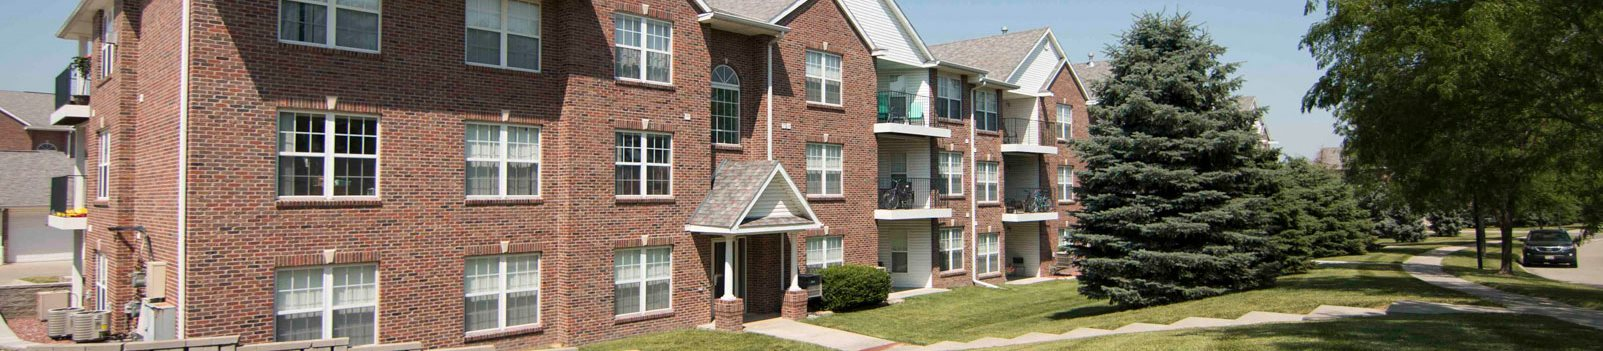 Williamsburg Park Apartments in Lincoln NE